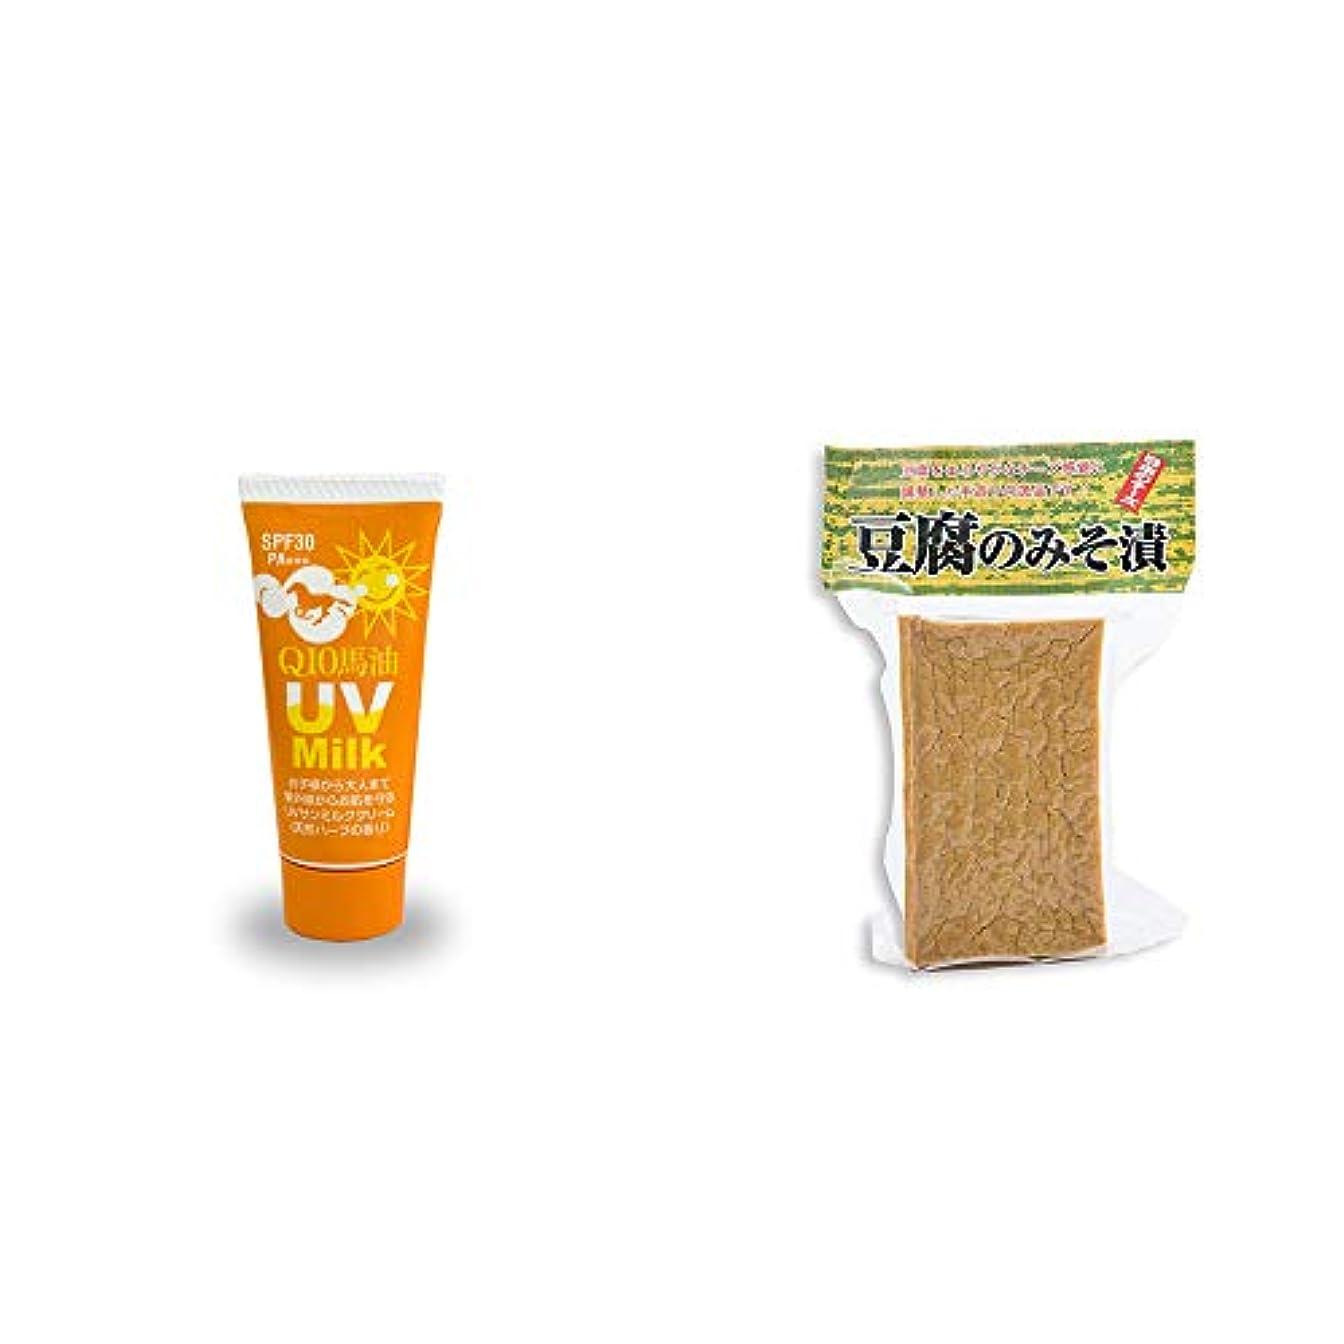 軍艦生物学思い出[2点セット] 炭黒泉 Q10馬油 UVサンミルク[天然ハーブ](40g)?日本のチーズ 豆腐のみそ漬(1個入)